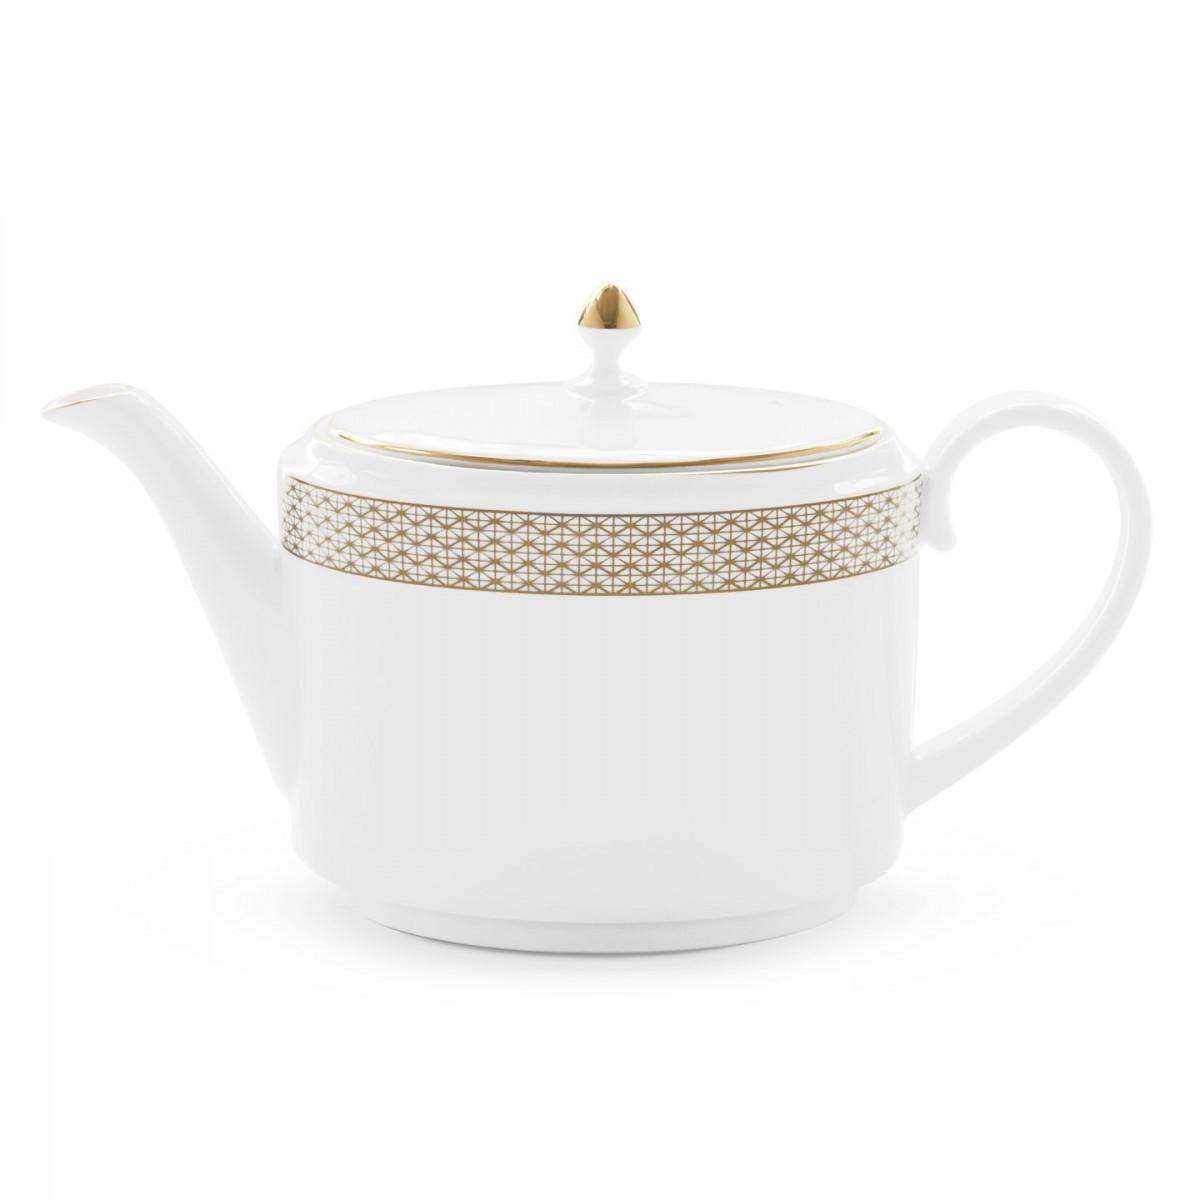 waterford lismore diamond 8 vase of lismore diamond teapot waterford us throughout lismore diamond teapot